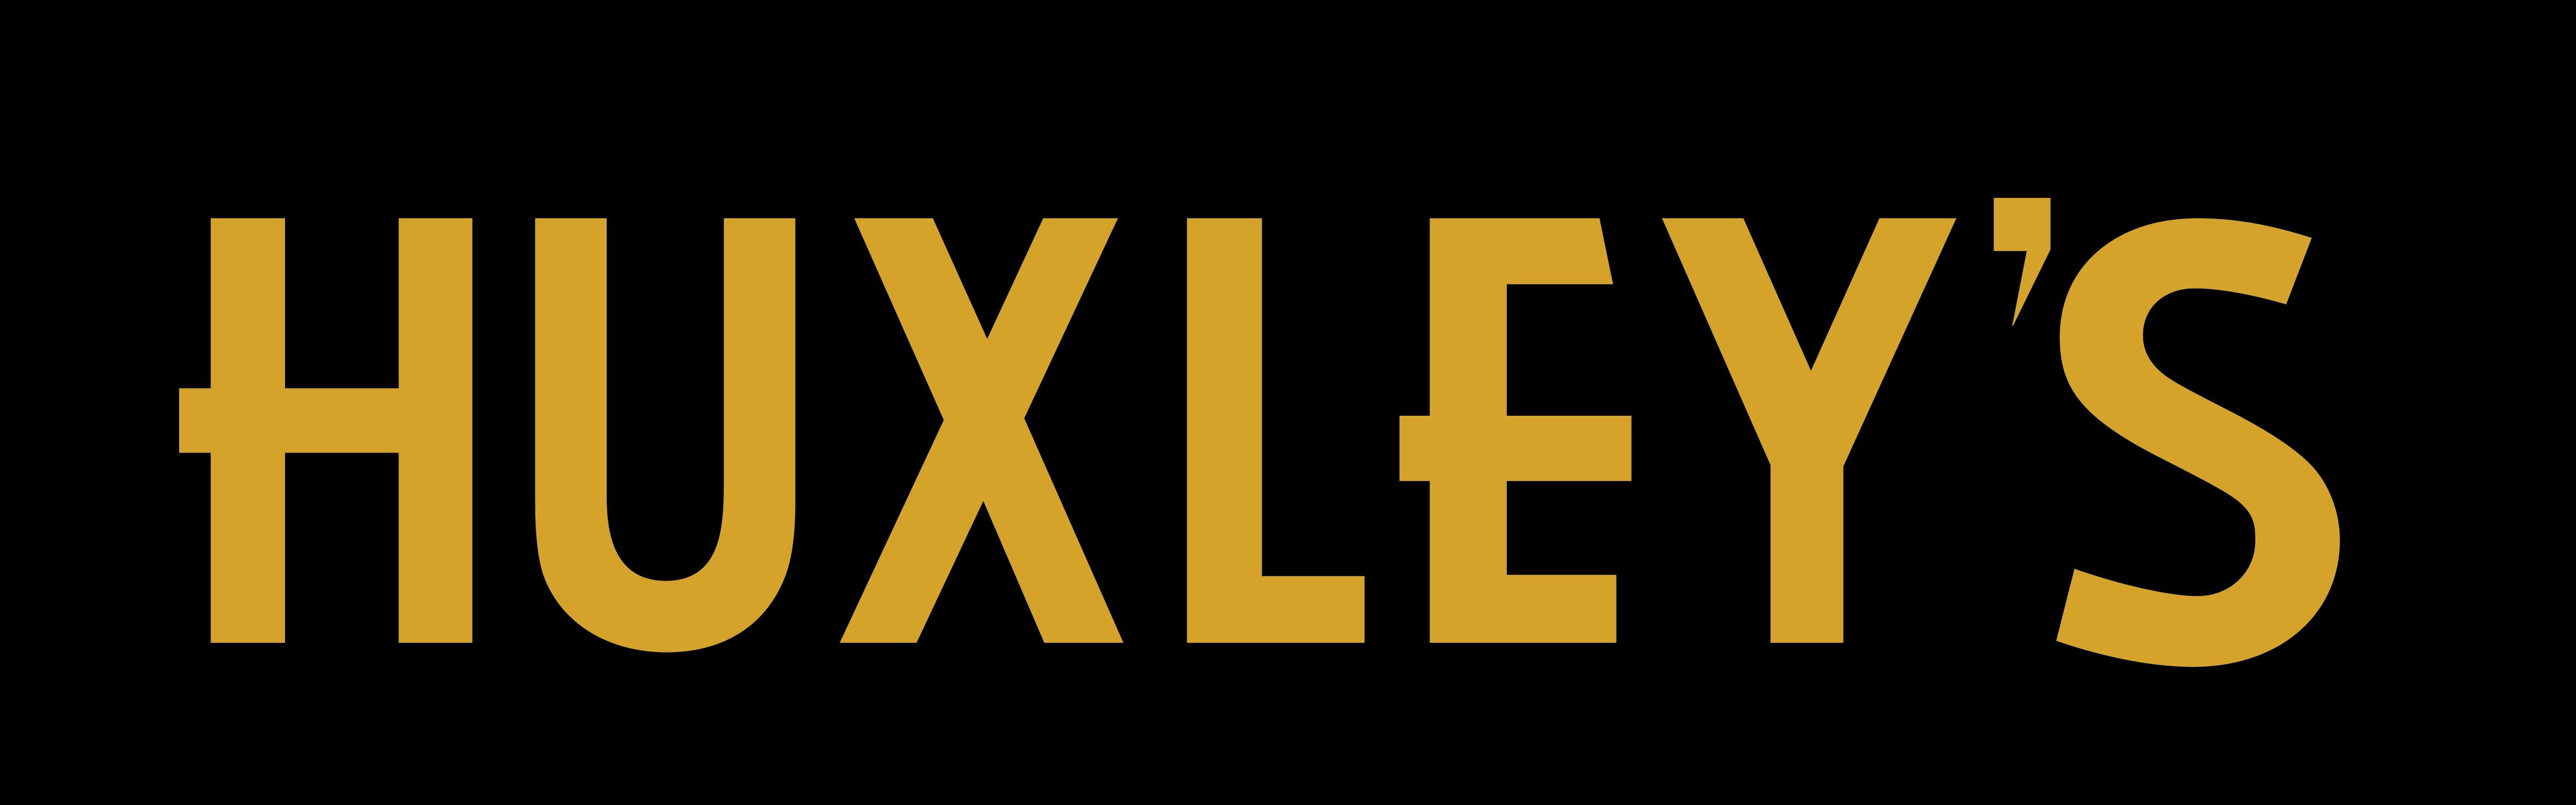 Huxley's Wellington